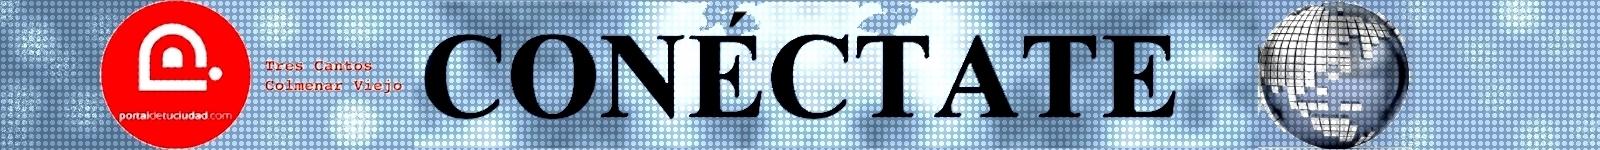 3C Portaldetuciudad